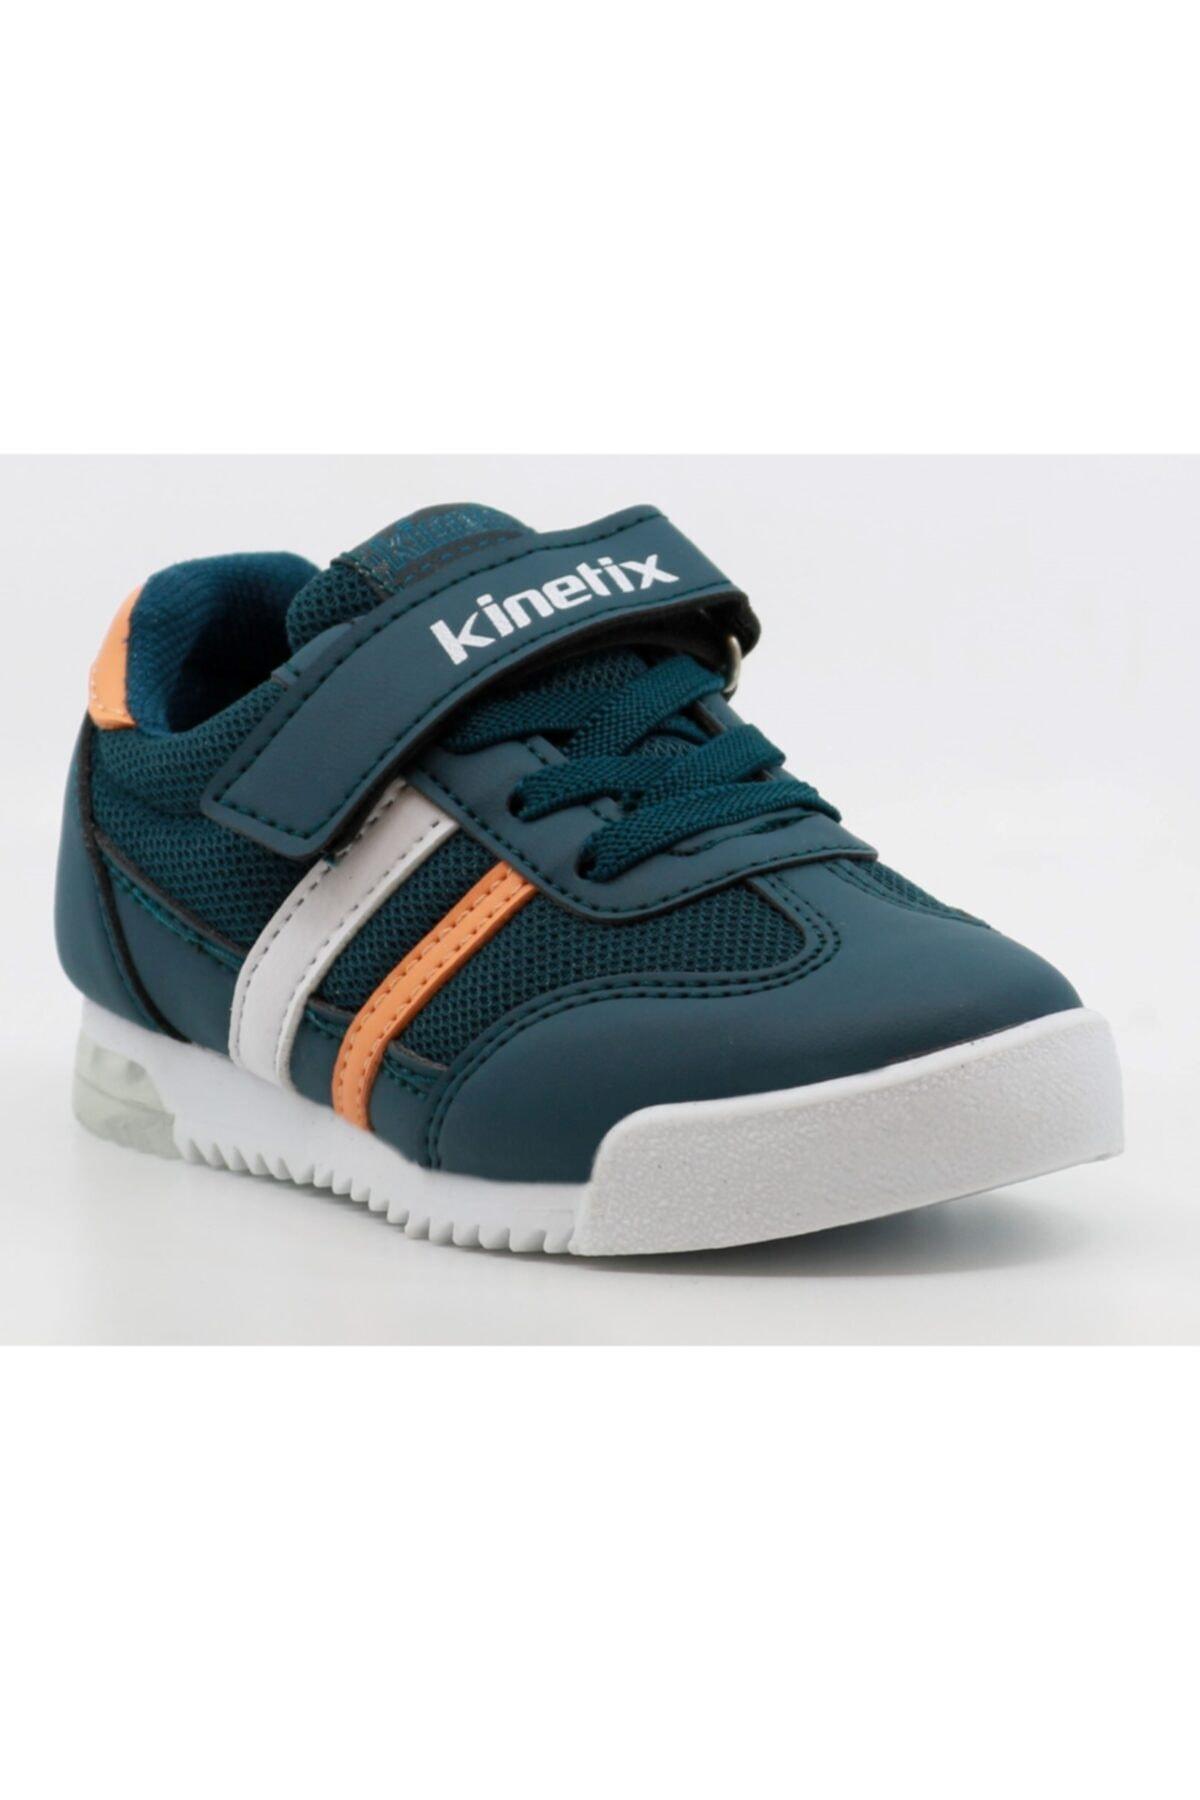 Kinetix Halley Mesh J Günlük Çocuk Spor Ayakkabı 1